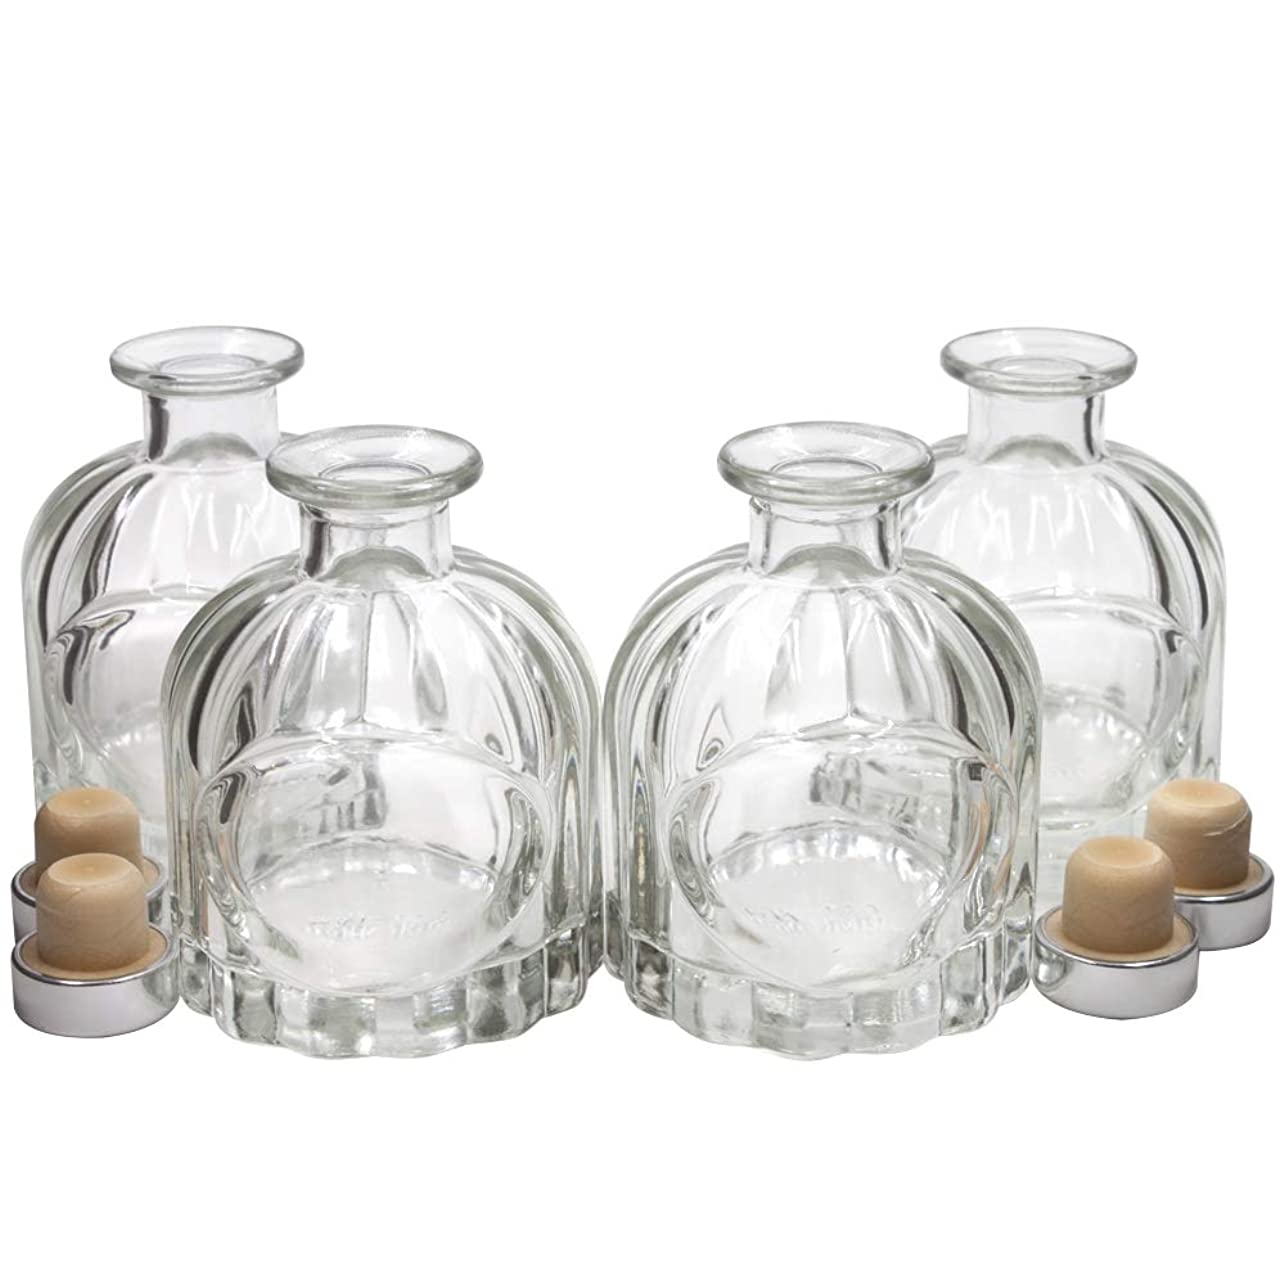 王位ロールパケットFrandy House リードディフューザー用 ガラスボトル 瓶 100ML カポチャ